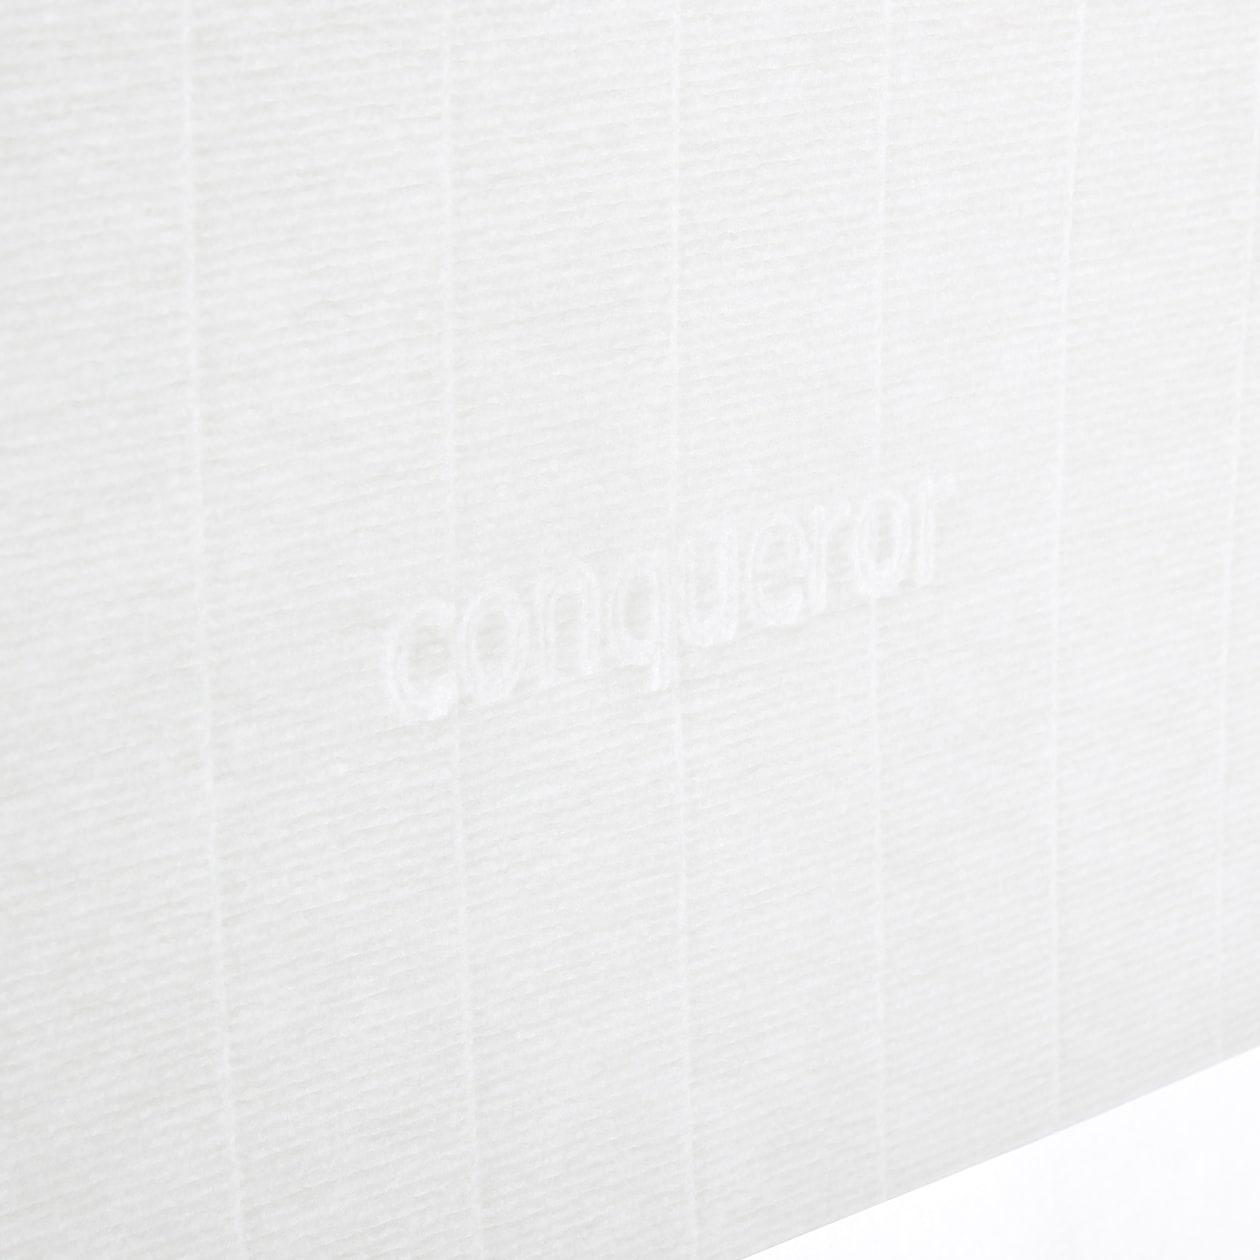 A4シート コンケラー レイド ブリリアントホワイト 100g